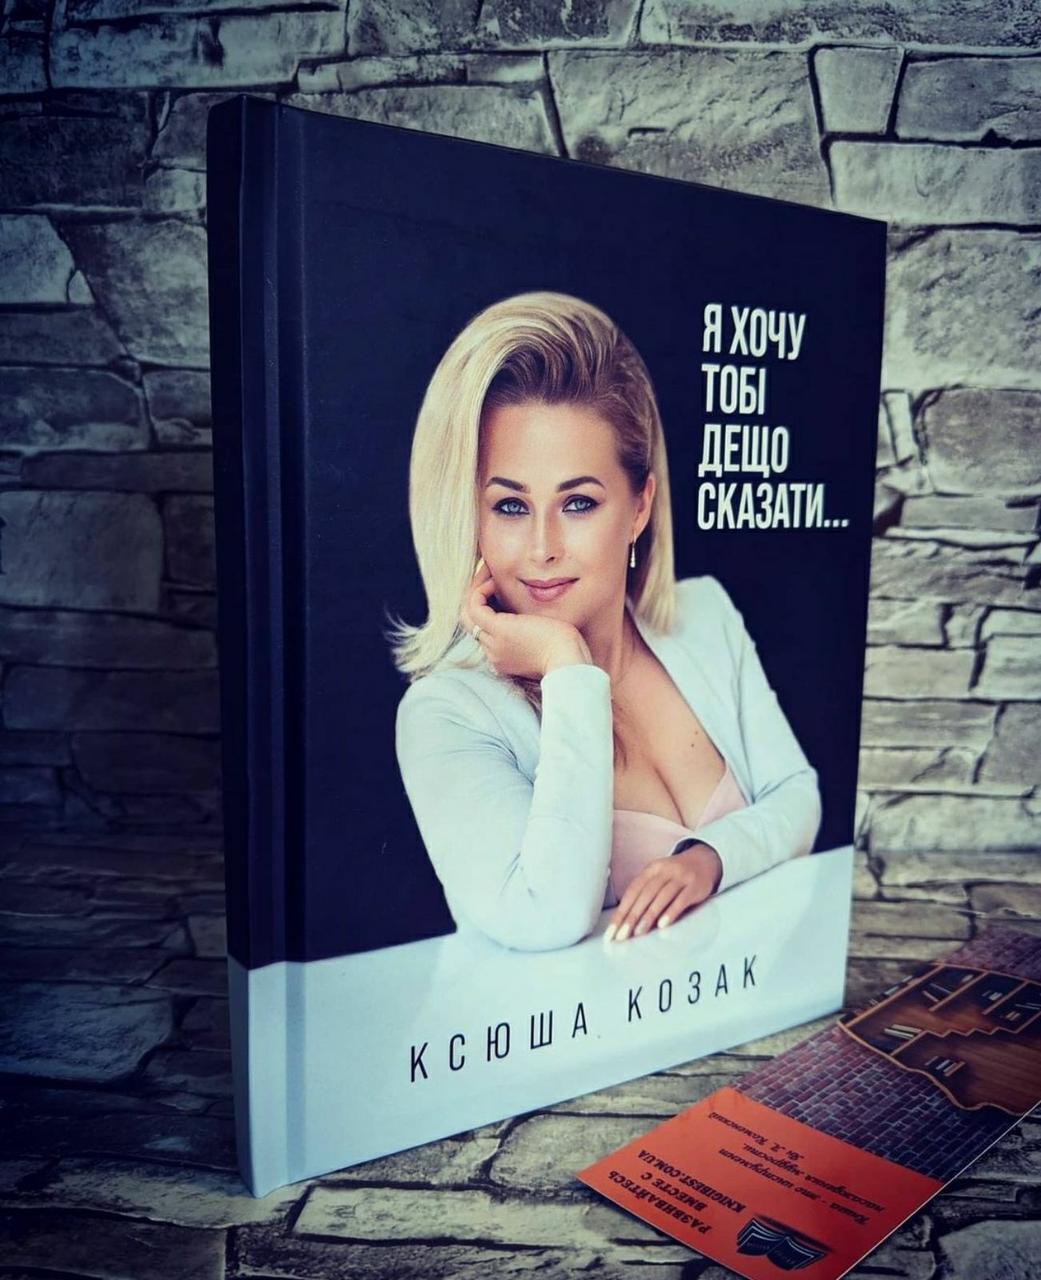 """Книга """"Я хочу тобі дещо сказати..."""" Ксюша Козак"""